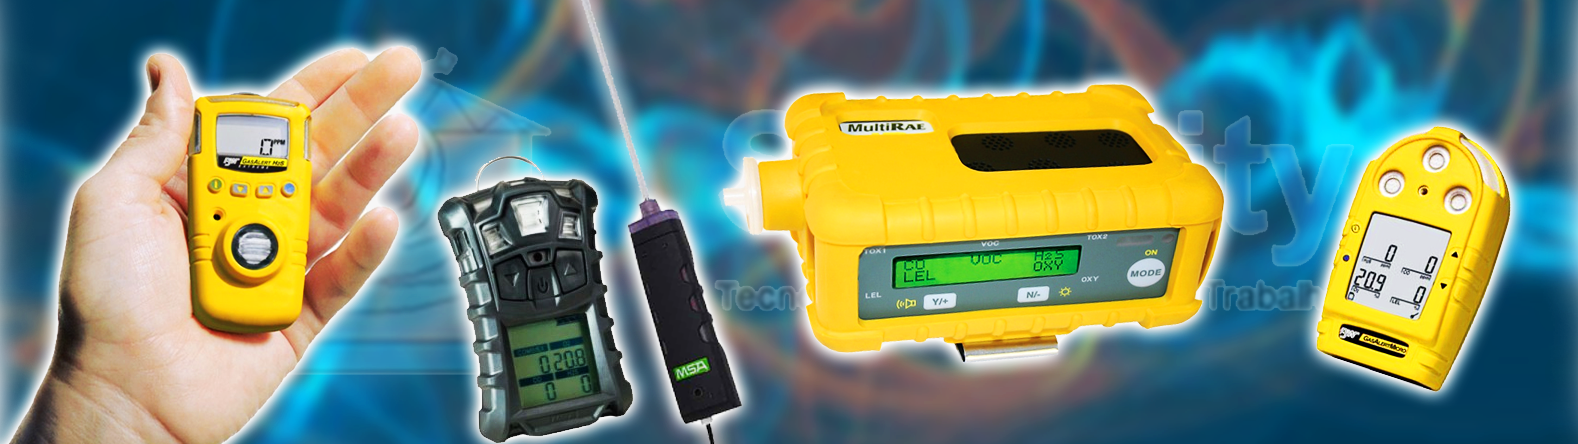 Detectores 4 de Gases em Campinas